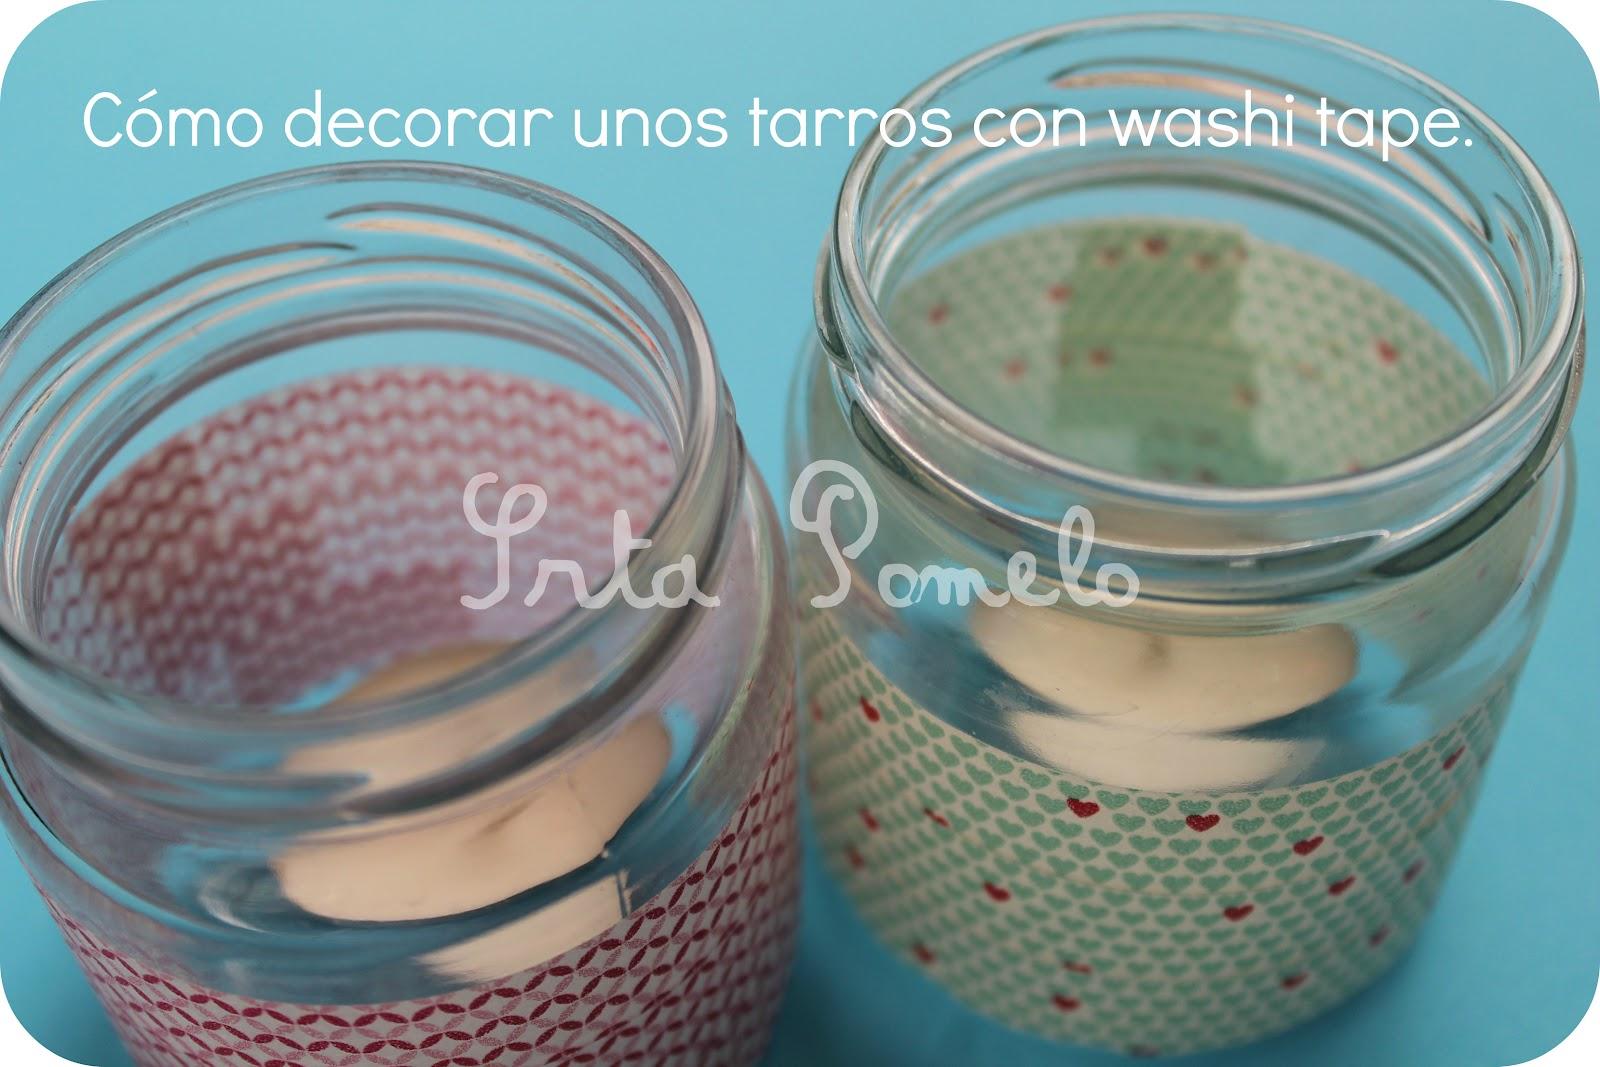 Srta pomelo tutorial c mo decorar unos tarros con washi tape - Decorar con washi tape ...